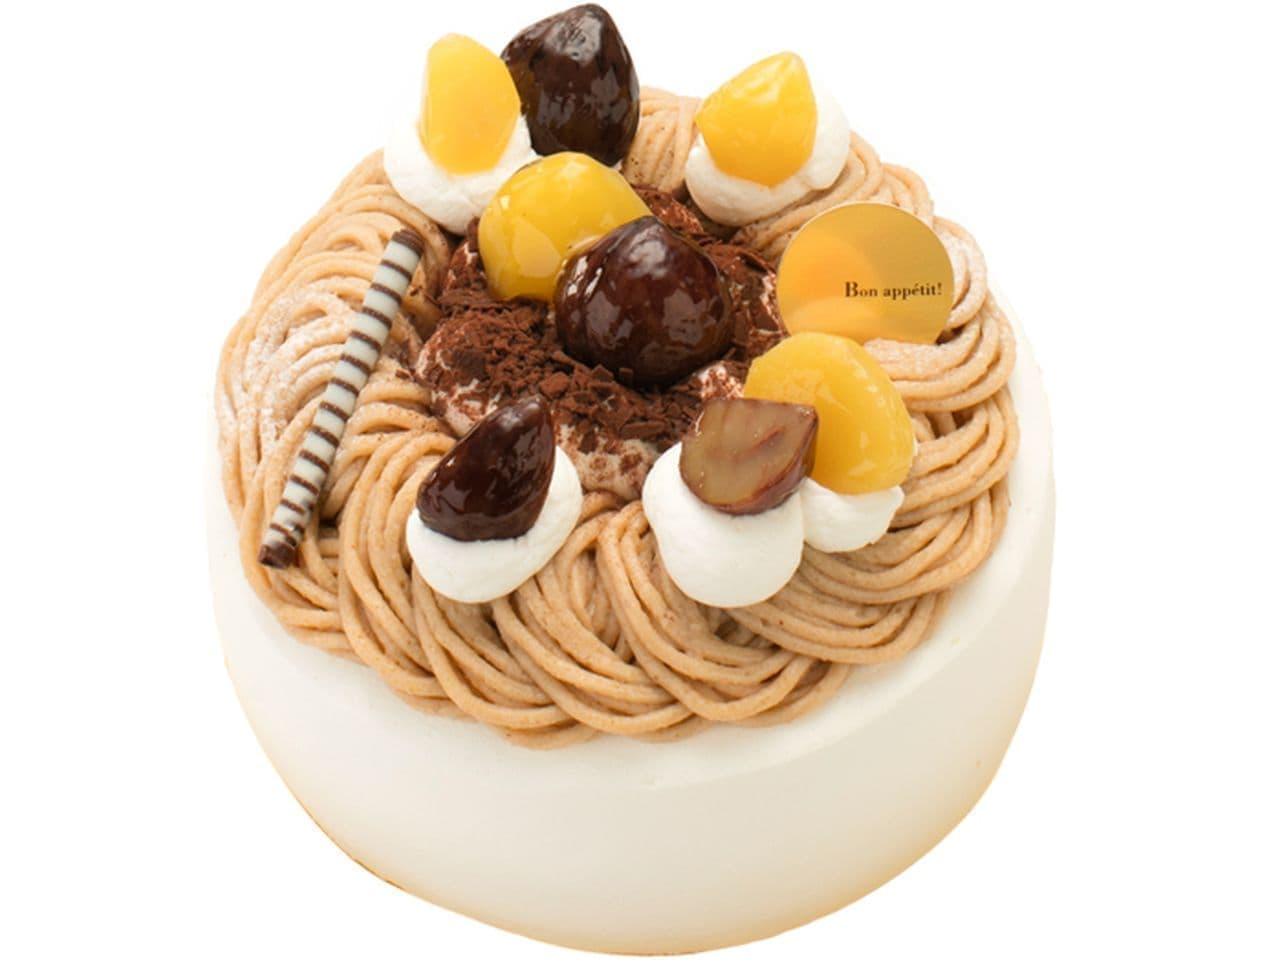 シャトレーゼ10月限定のデコレーションケーキ「栗のデコレーション」